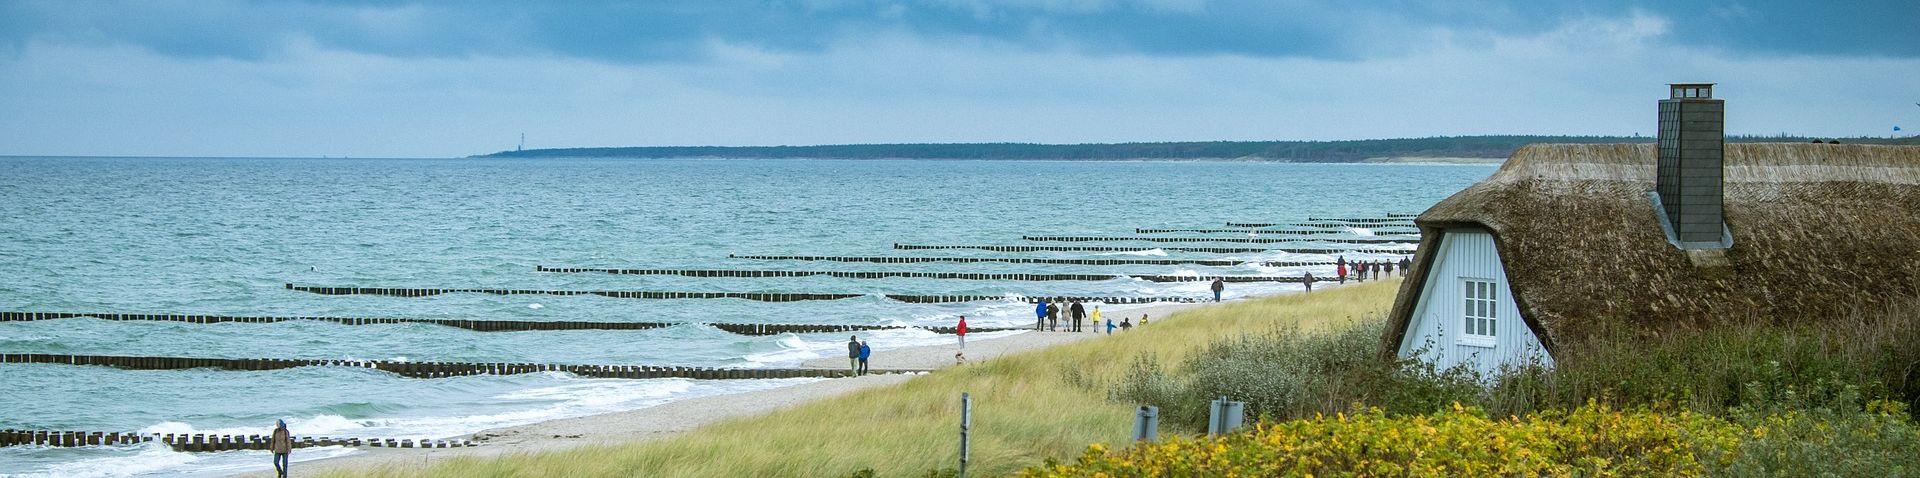 Ferienhäuser an der Ostsee vermieten